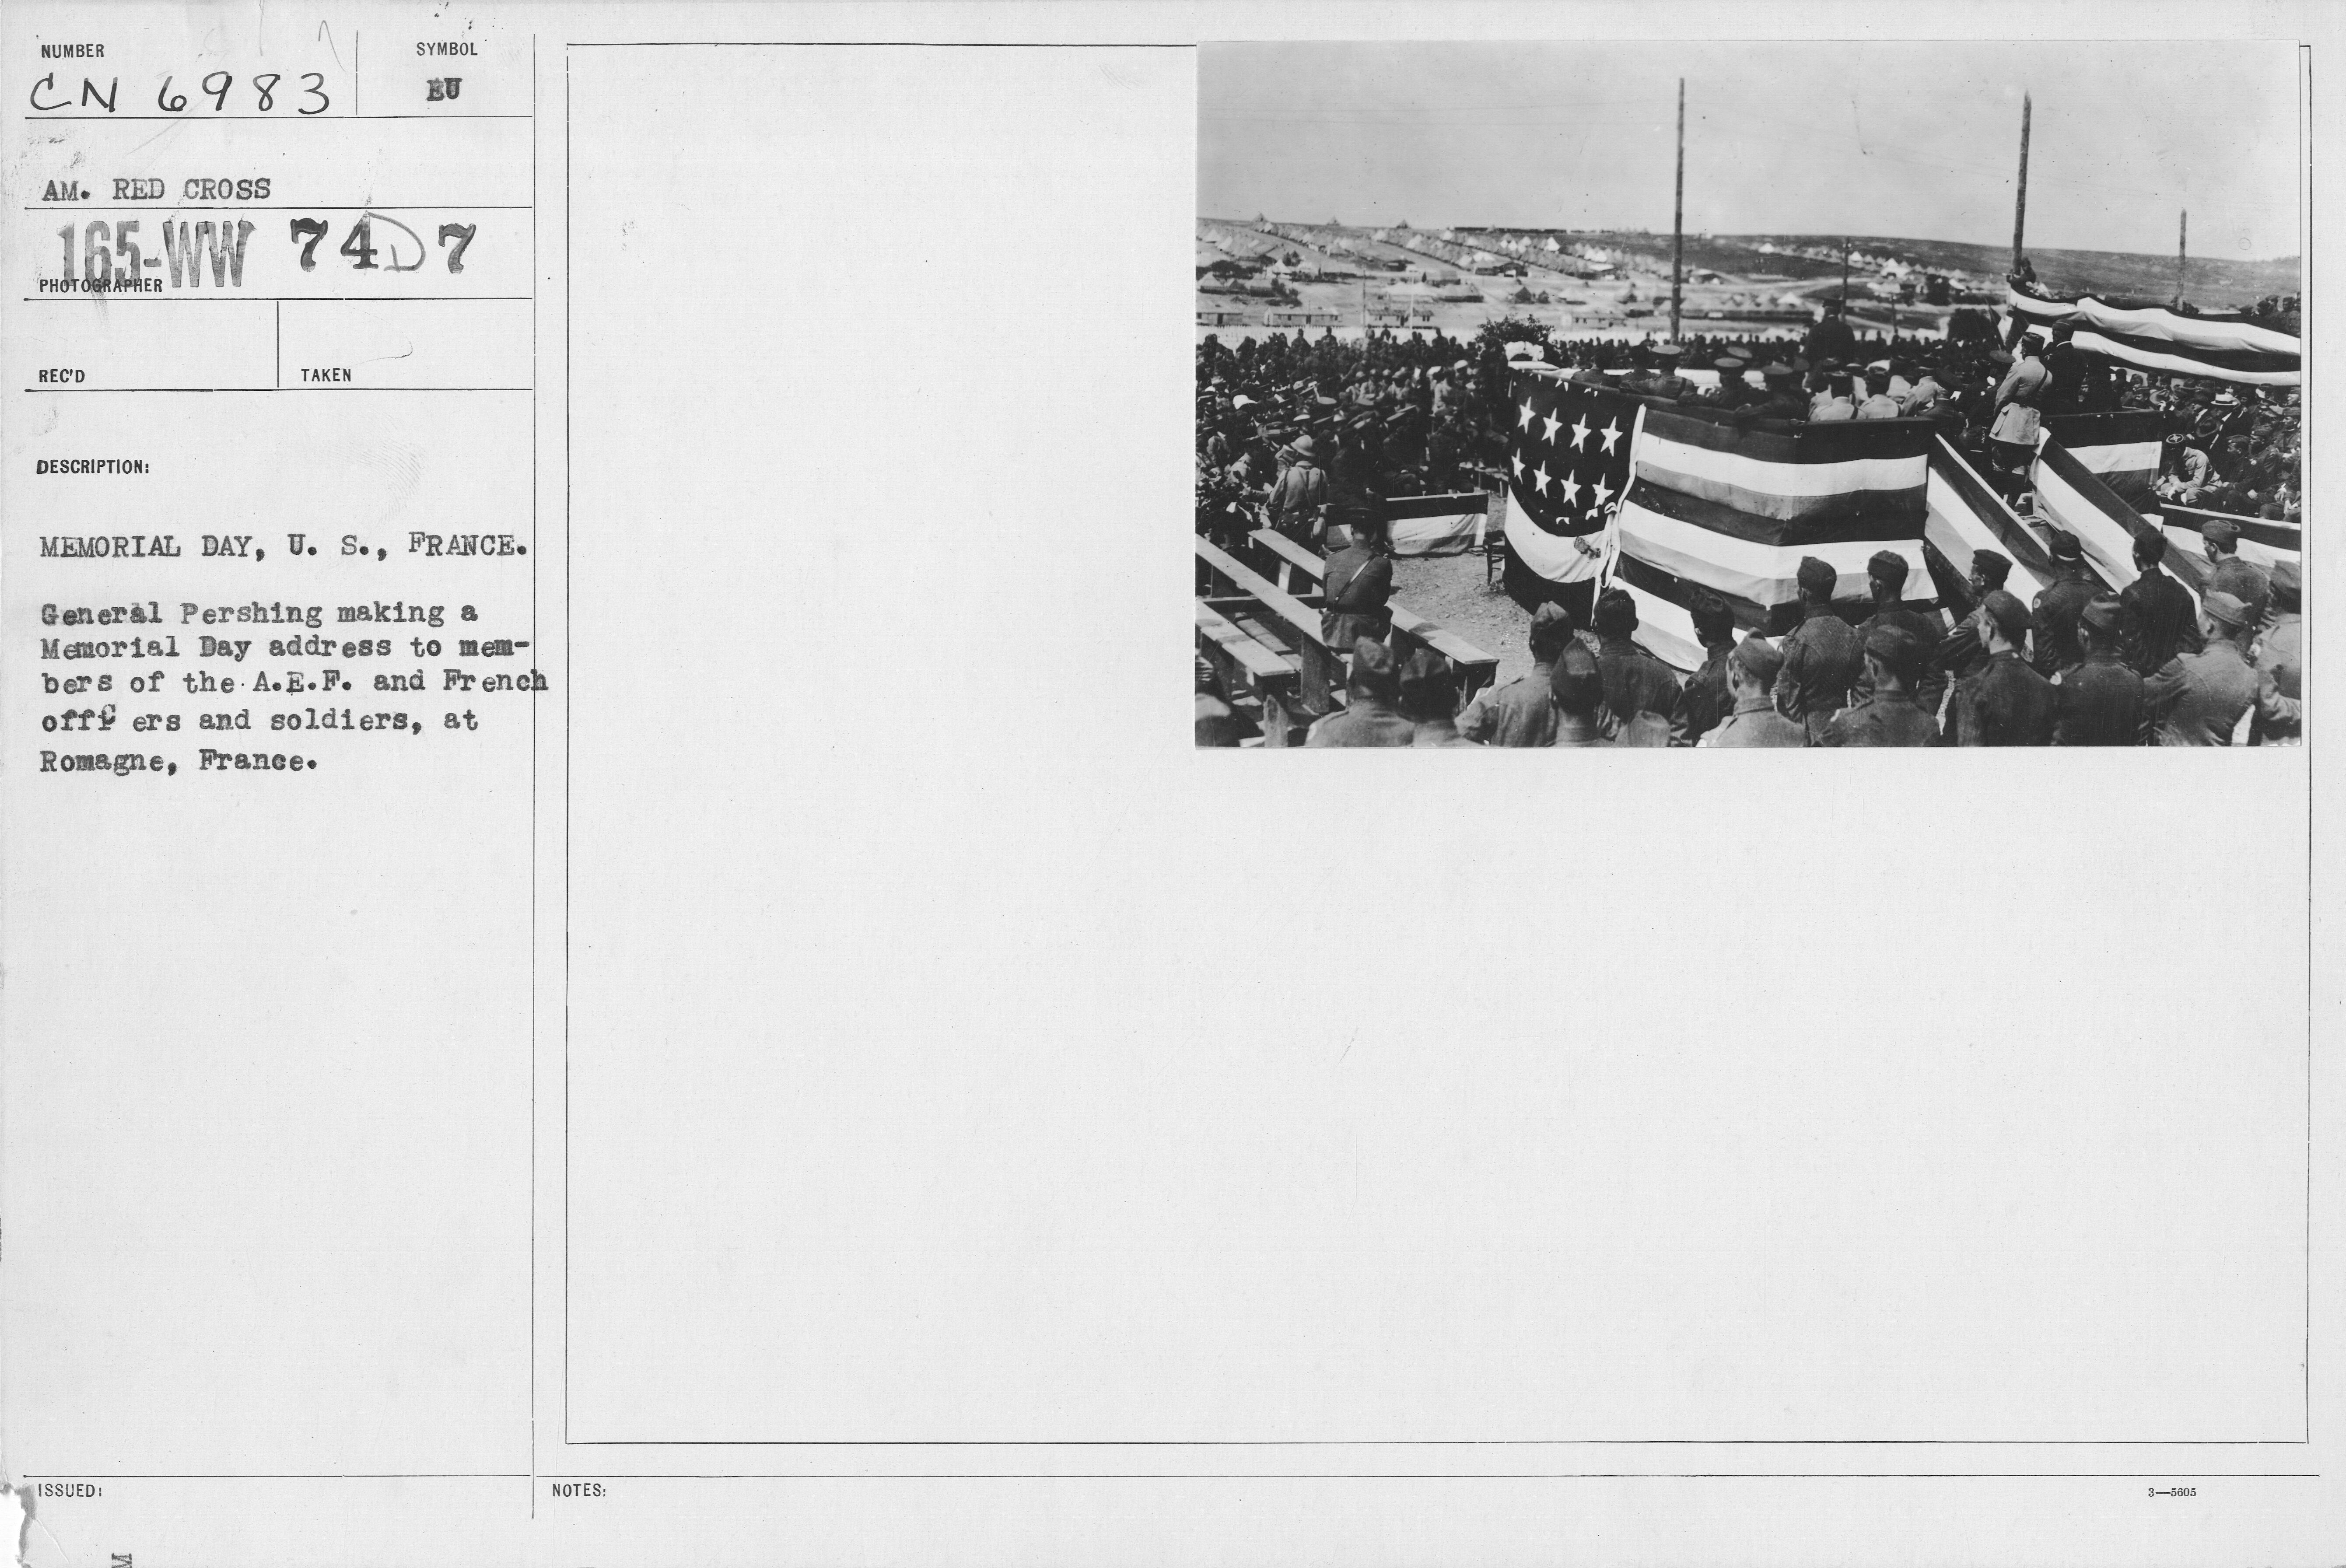 File:Ceremonies - Liberations - Memorial Day, 1918 - Memorial Day